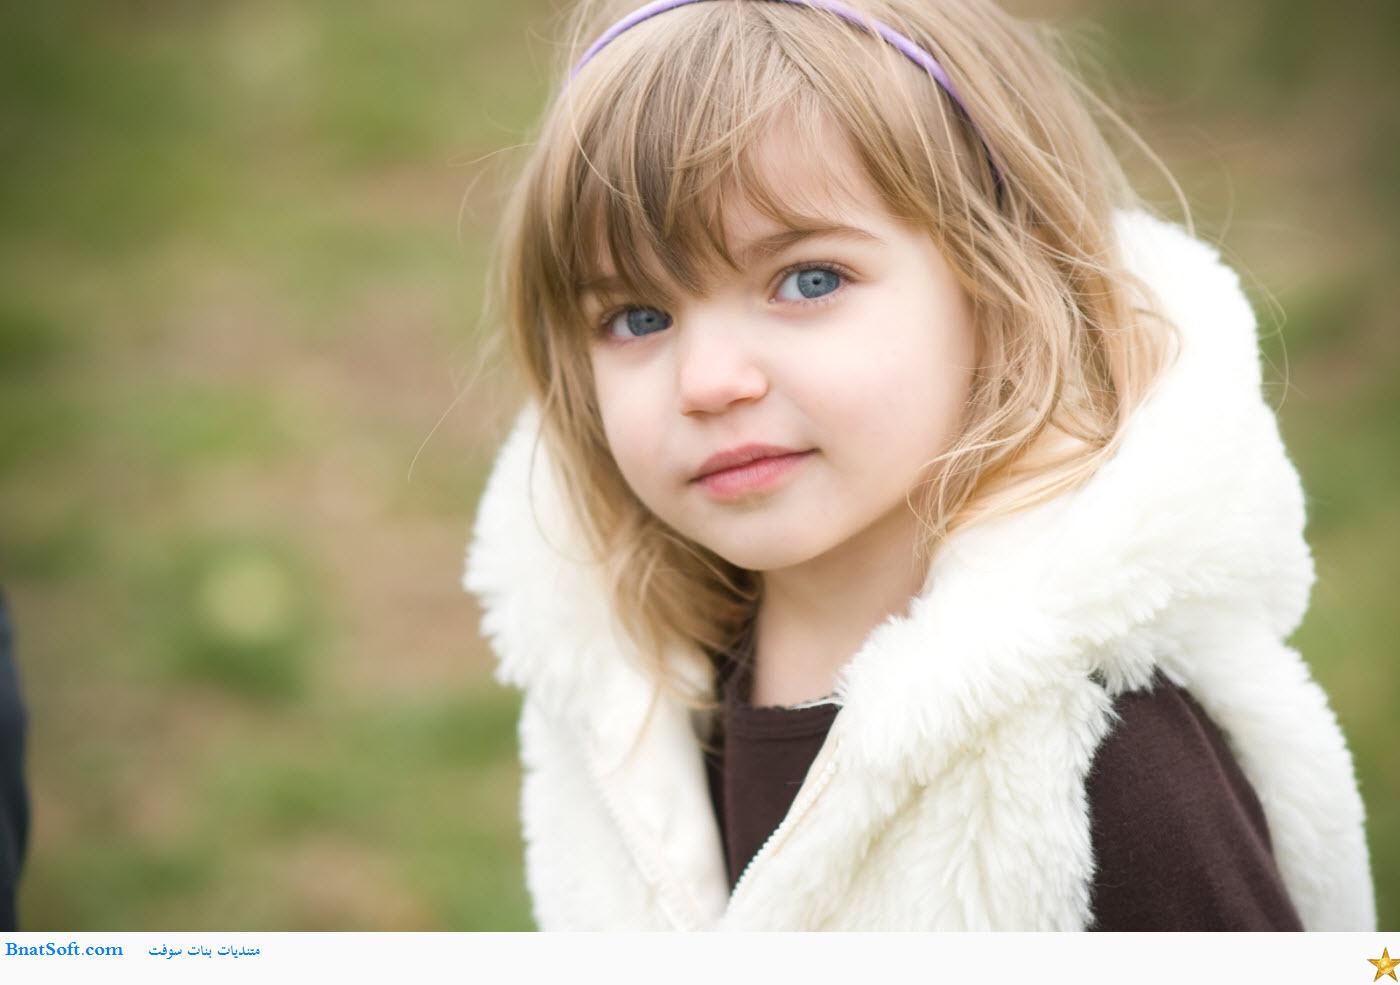 صور خلفيات اطفال بنات جميلة